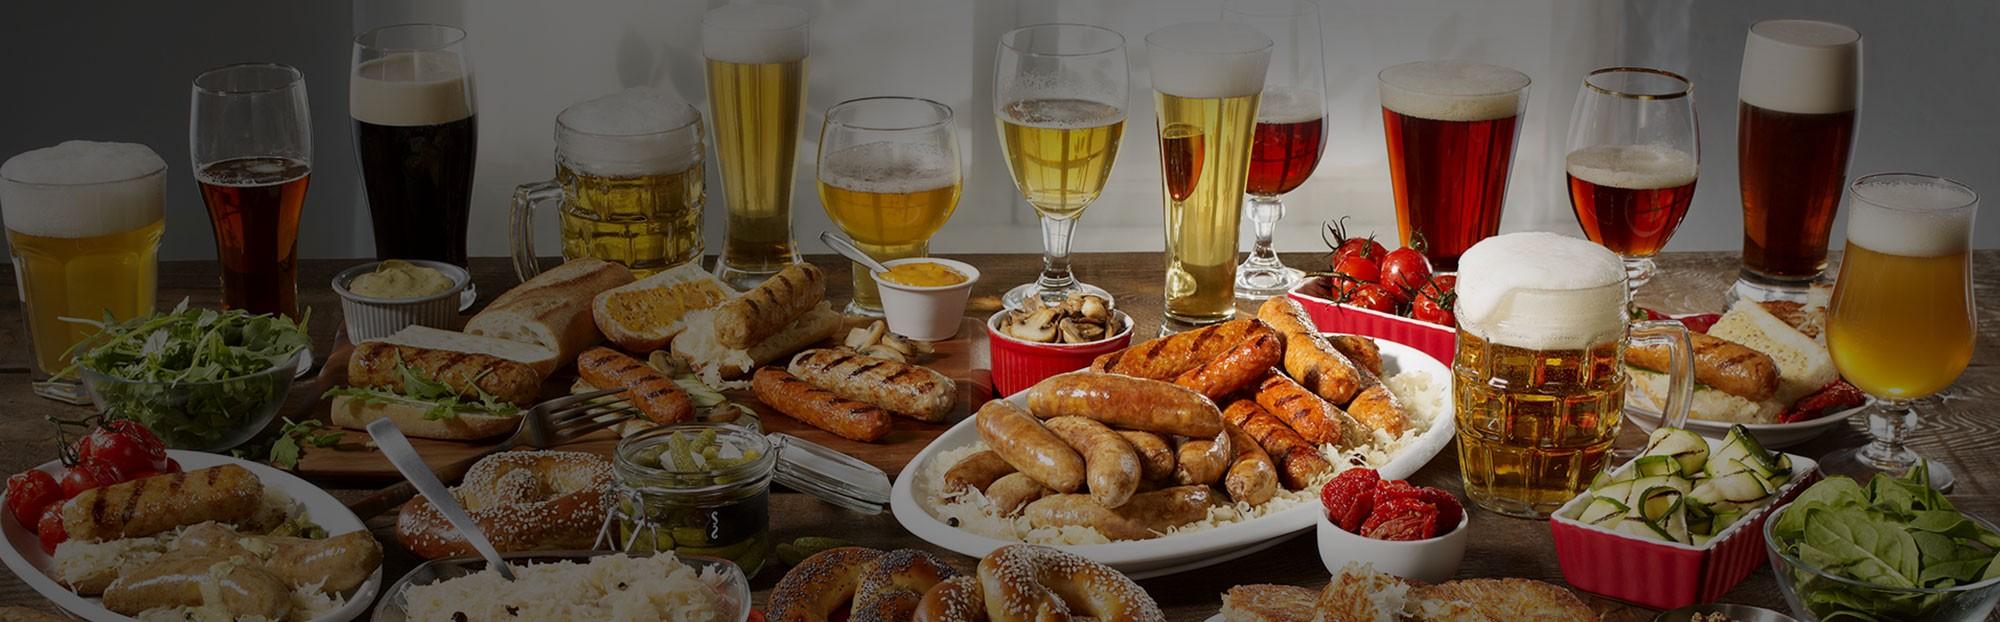 Célébrez<br>l'Oktoberfest<br>avec nous!